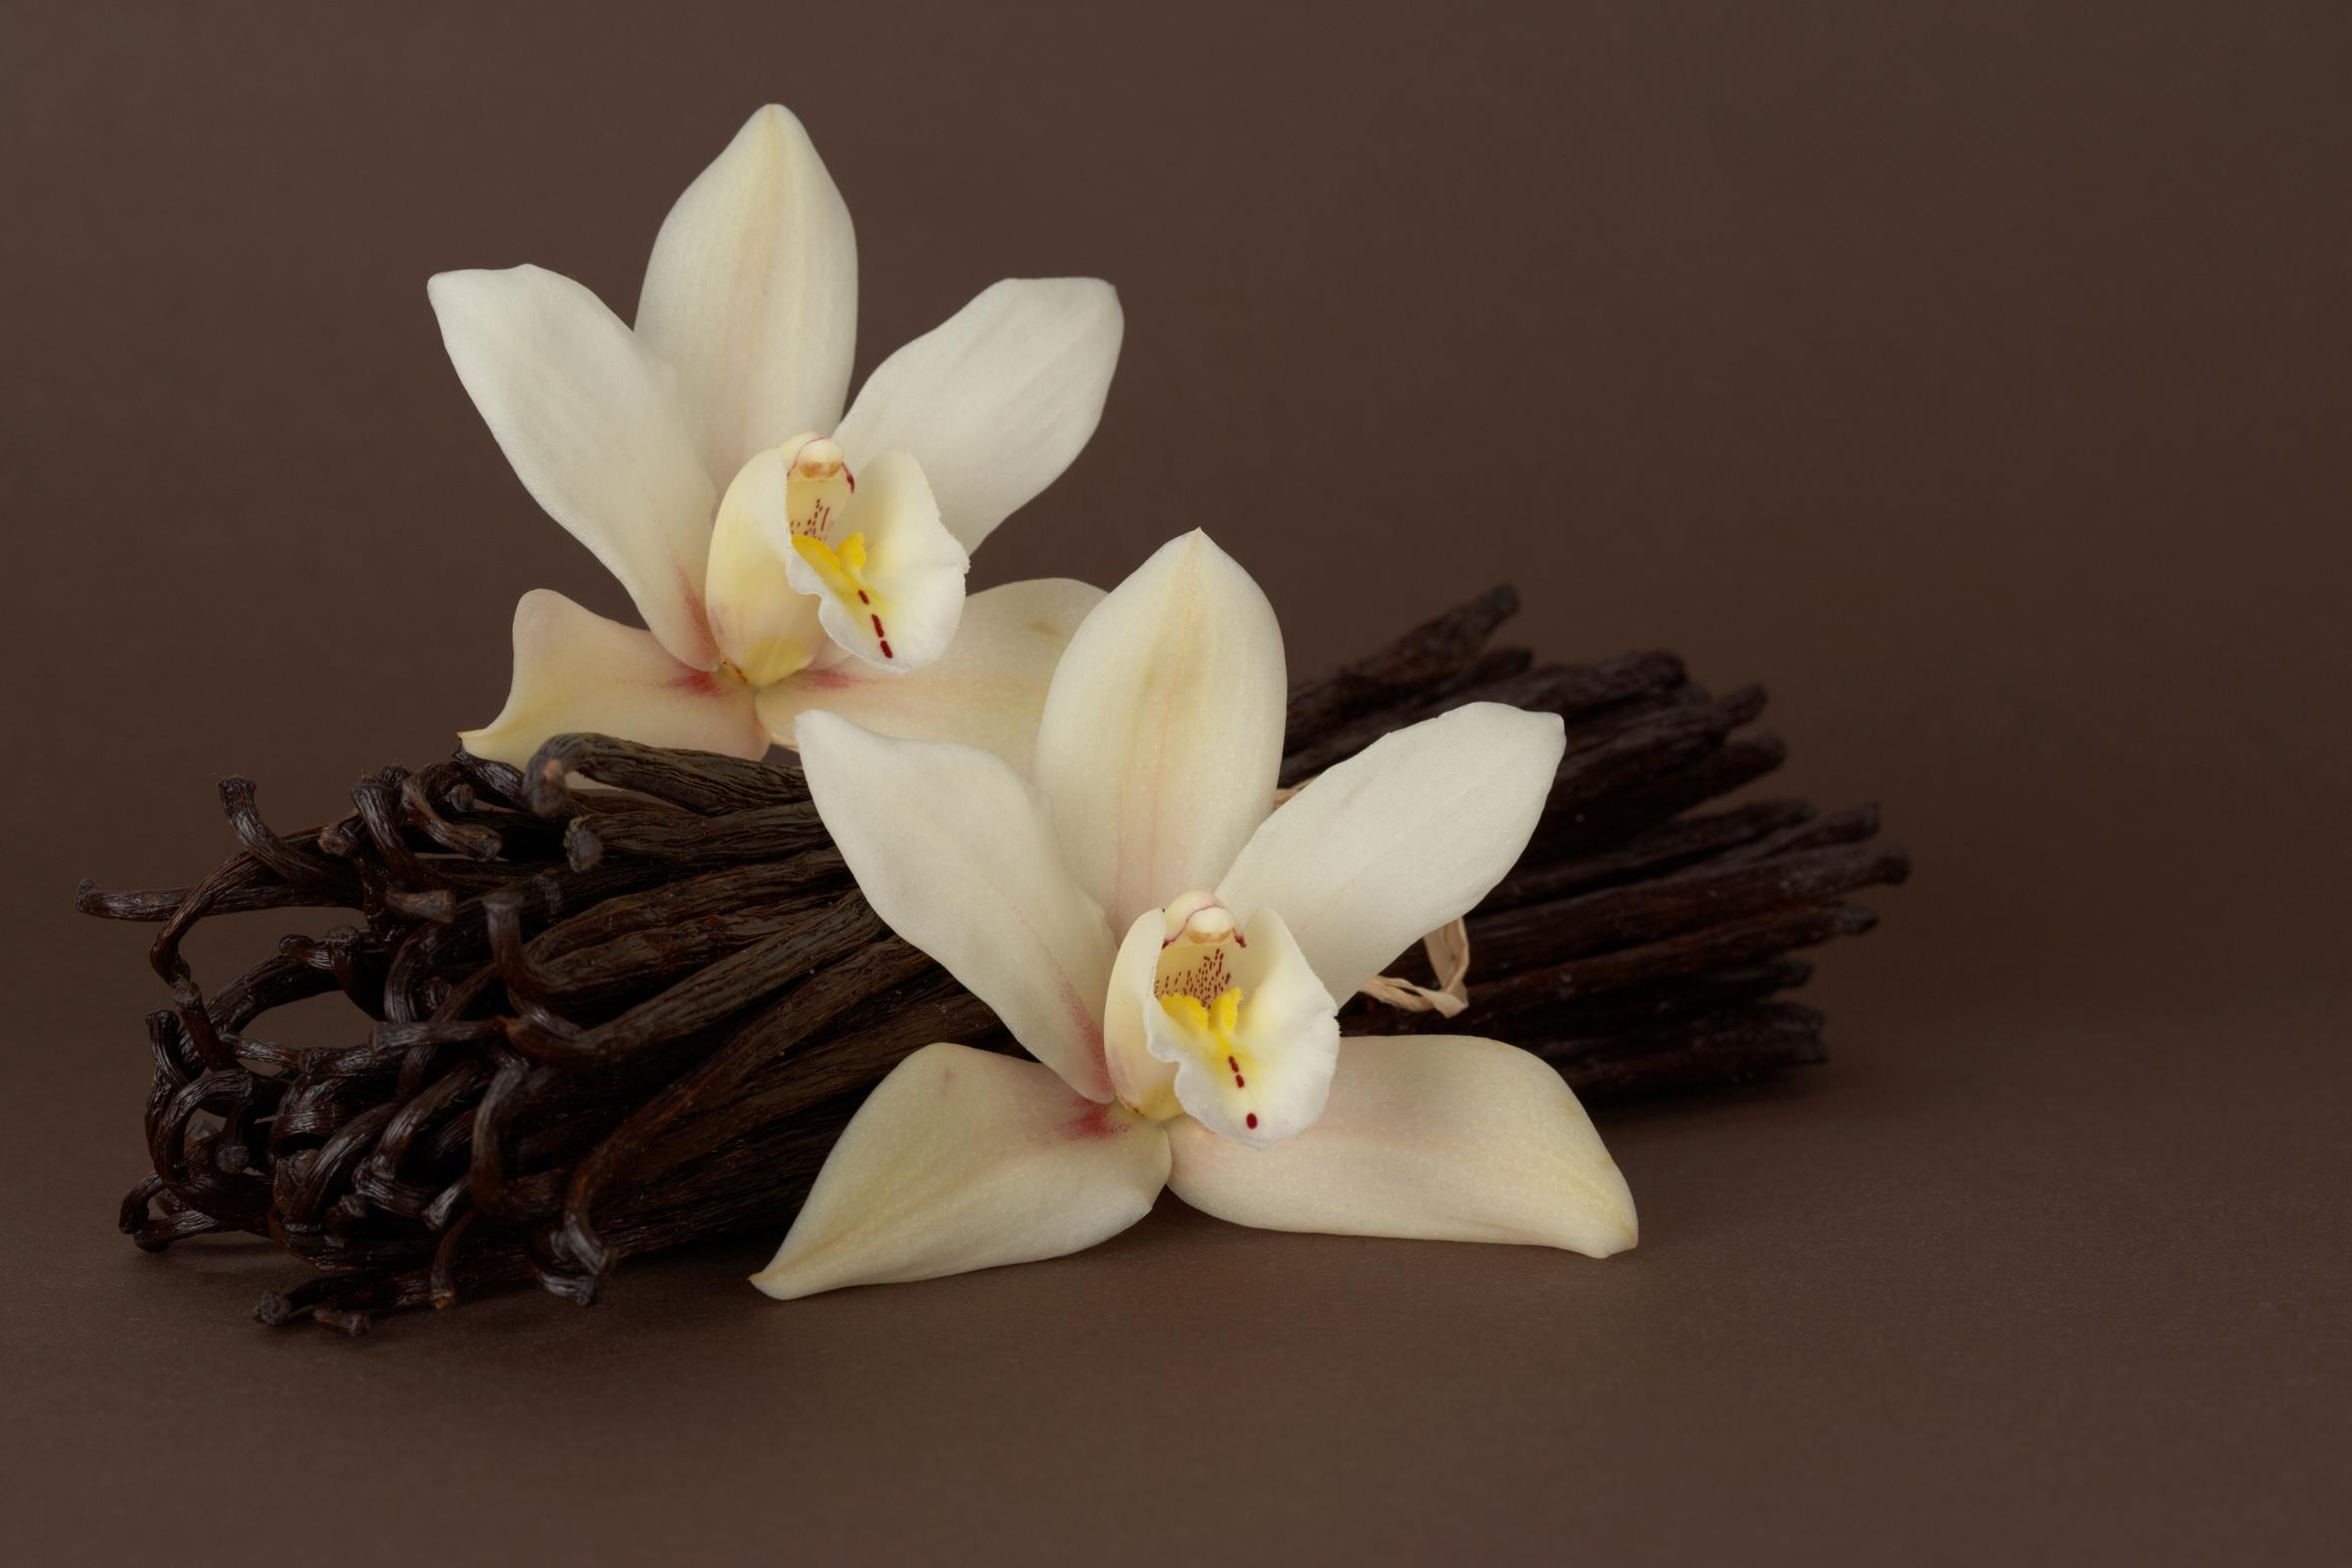 Цветок с запахом ванили фото